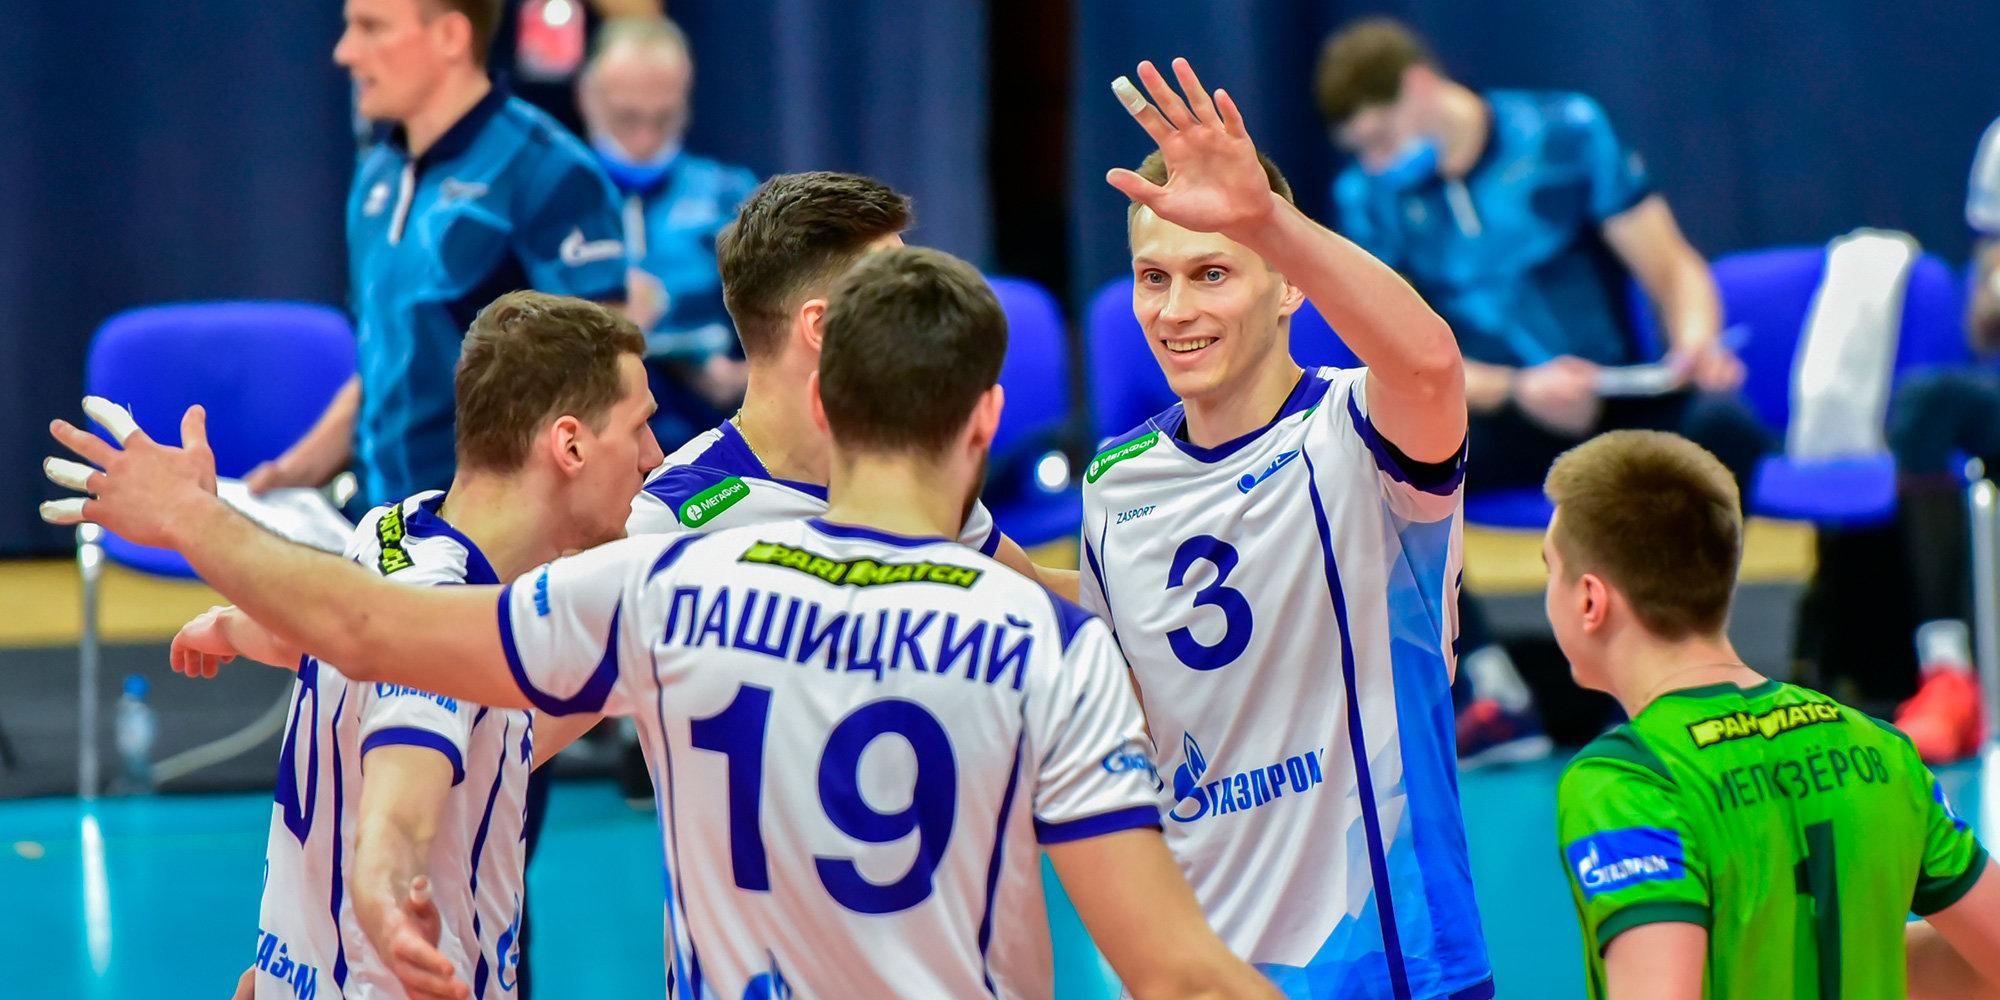 «Зенит» обыграл «Газпром-Югру» в мужской Суперлиге